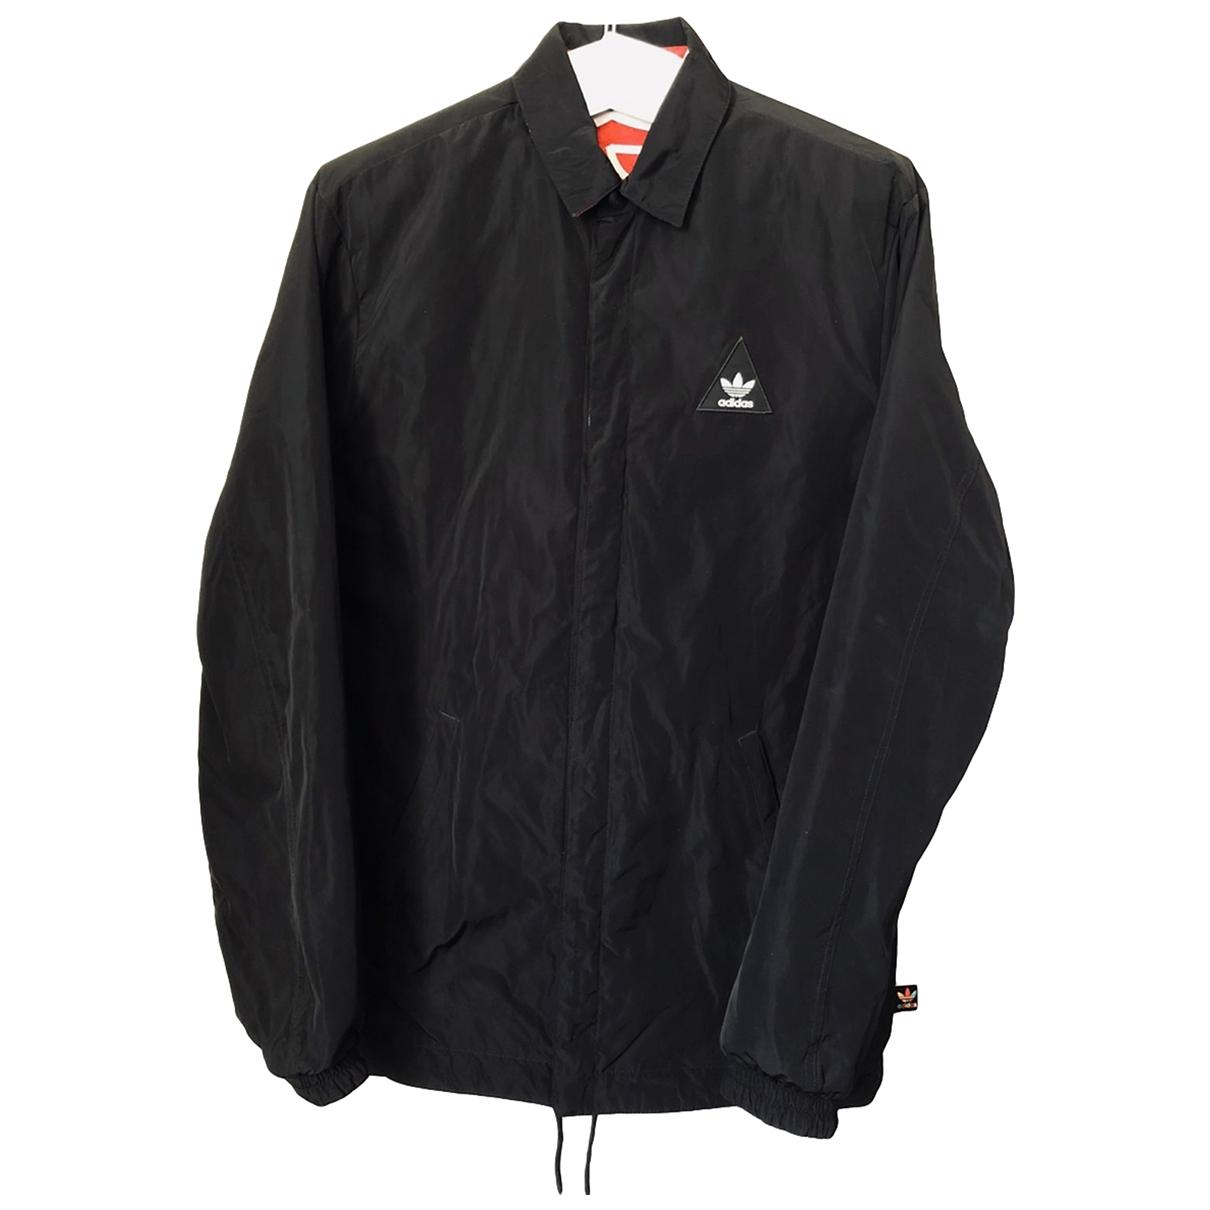 Adidas X Pharrell Williams - Vestes.Blousons   pour homme - noir